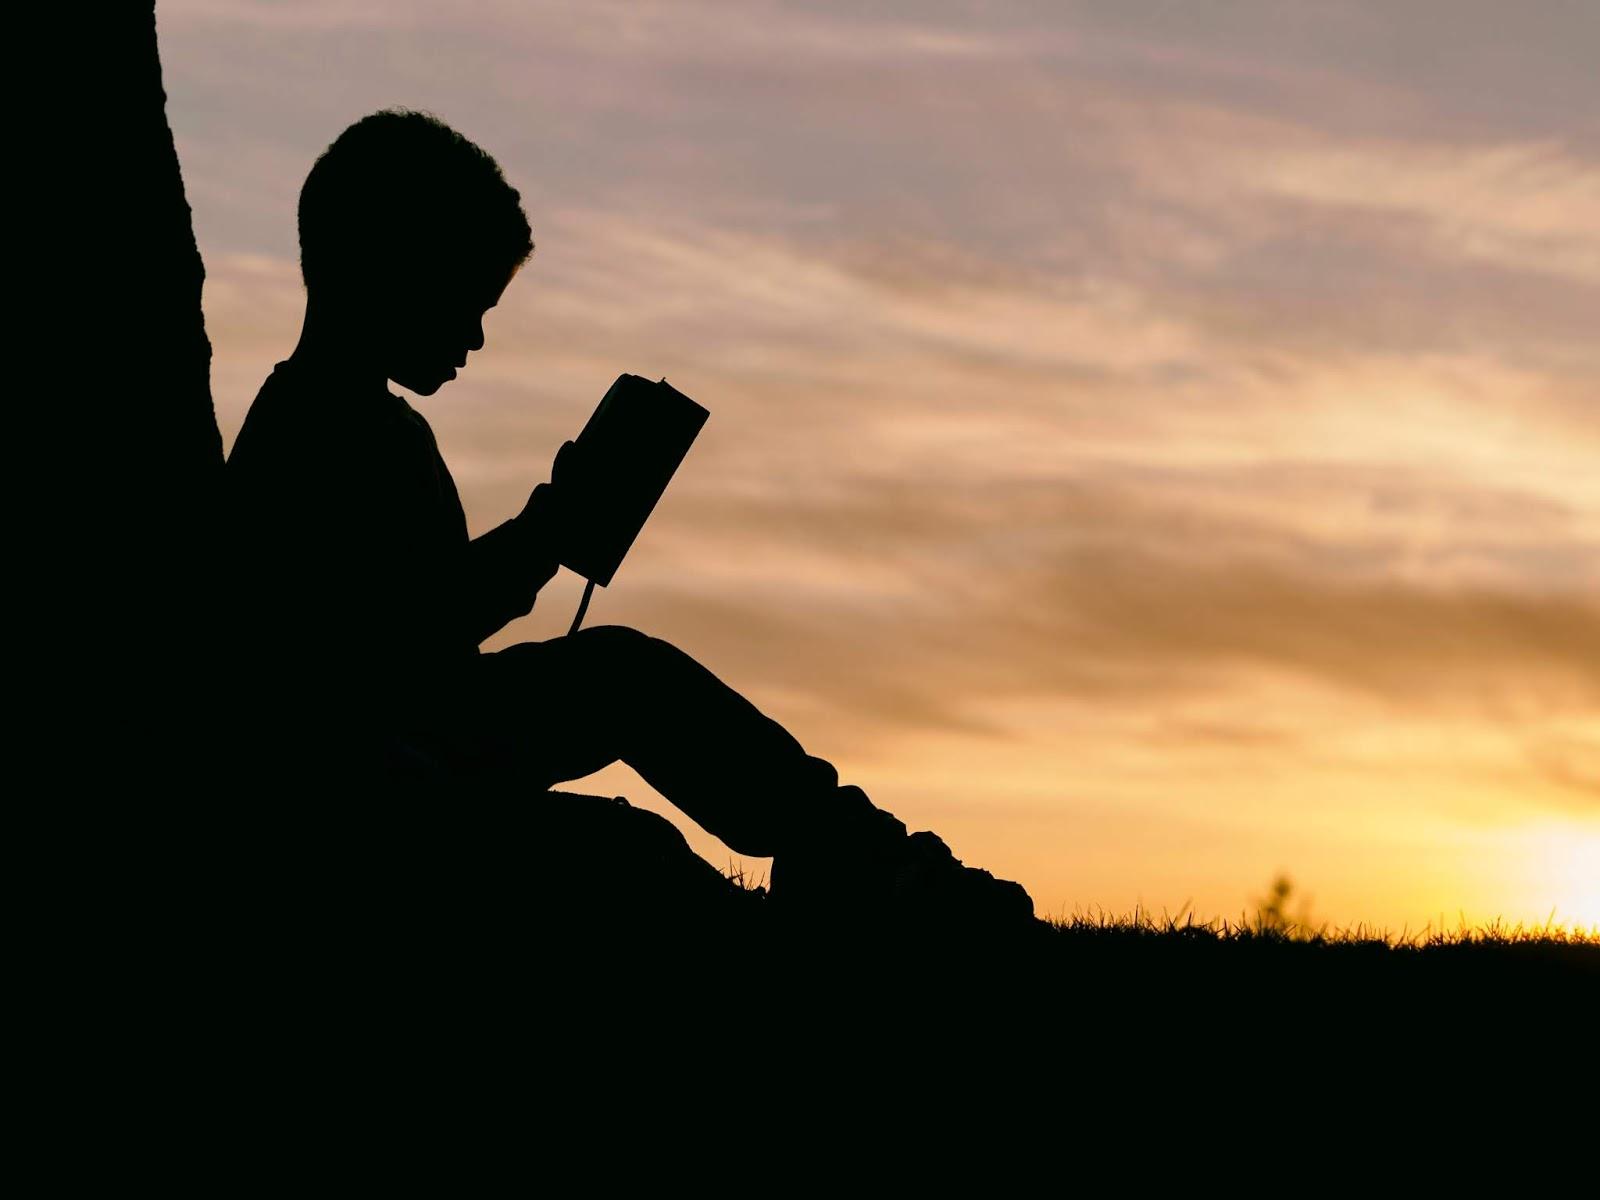 dzieciństwo, chłopiec.. zachód słońca, prawa dzieci, wojna, rasizm